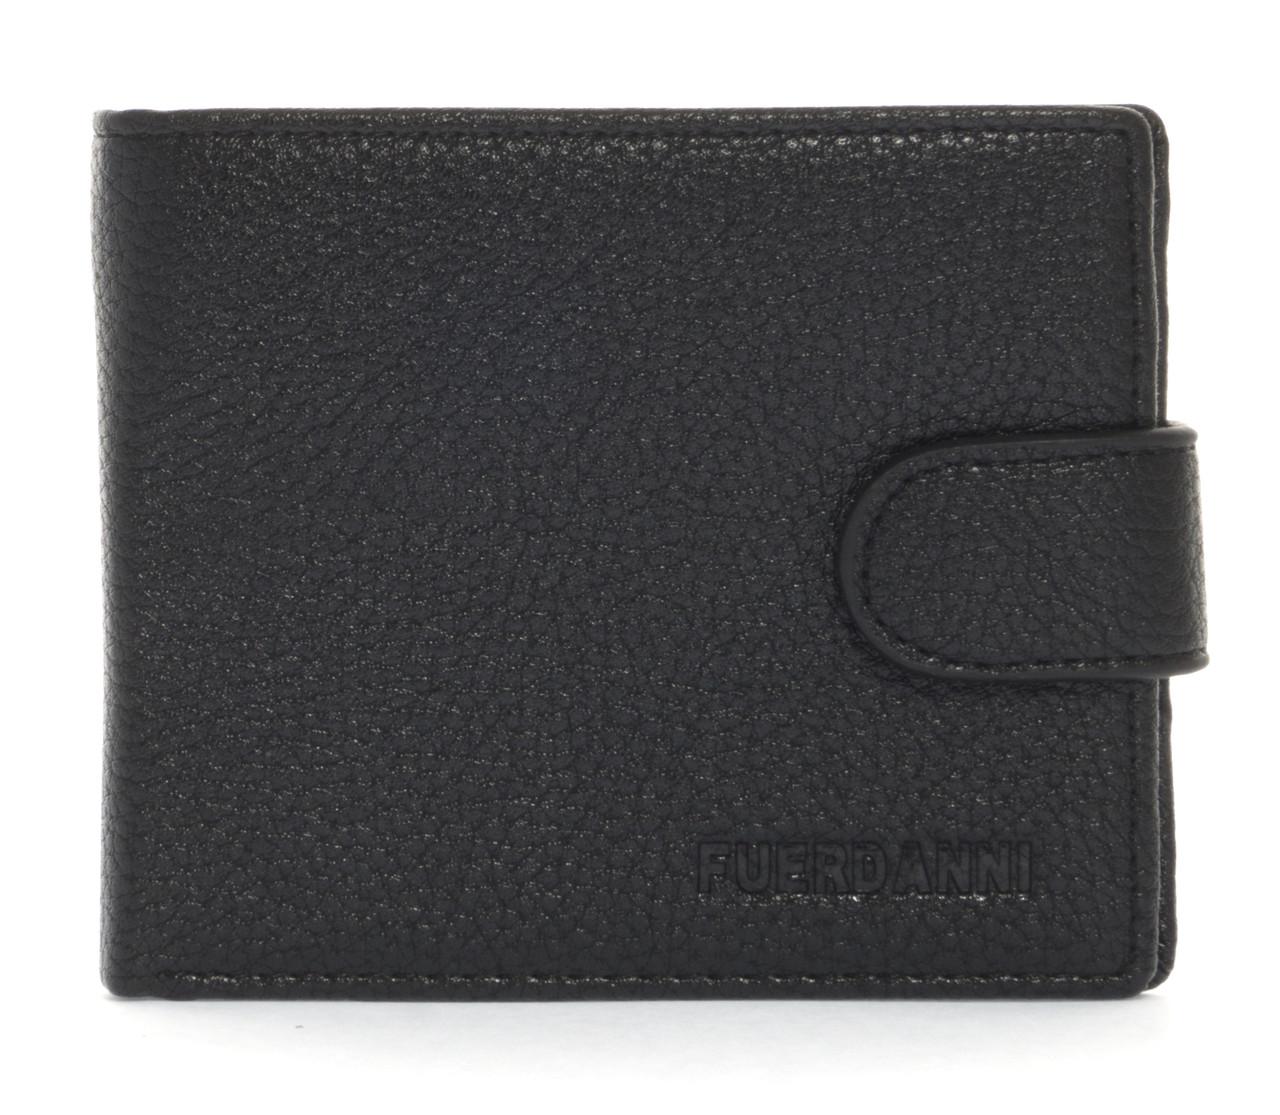 Стильний класичний чоловічий гаманець з штучної шкіри FUERDANNI art. 4355-0002